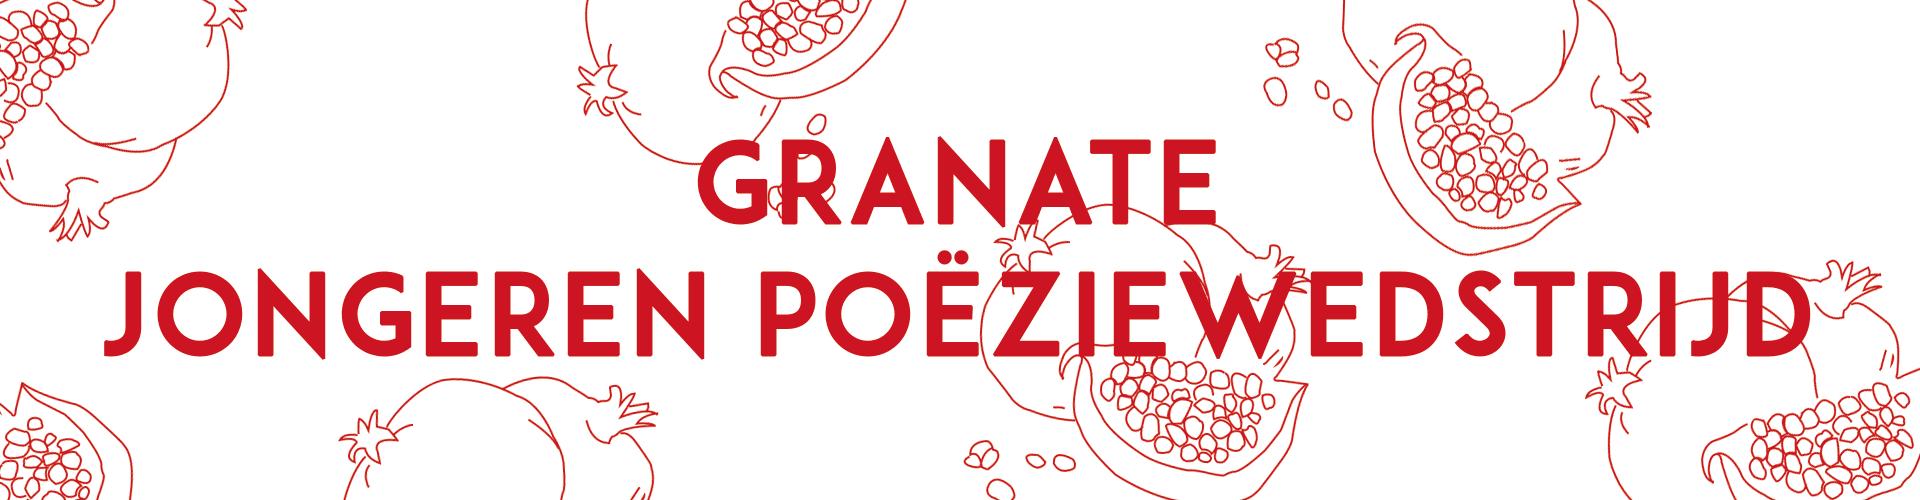 Poëziewedstrijd